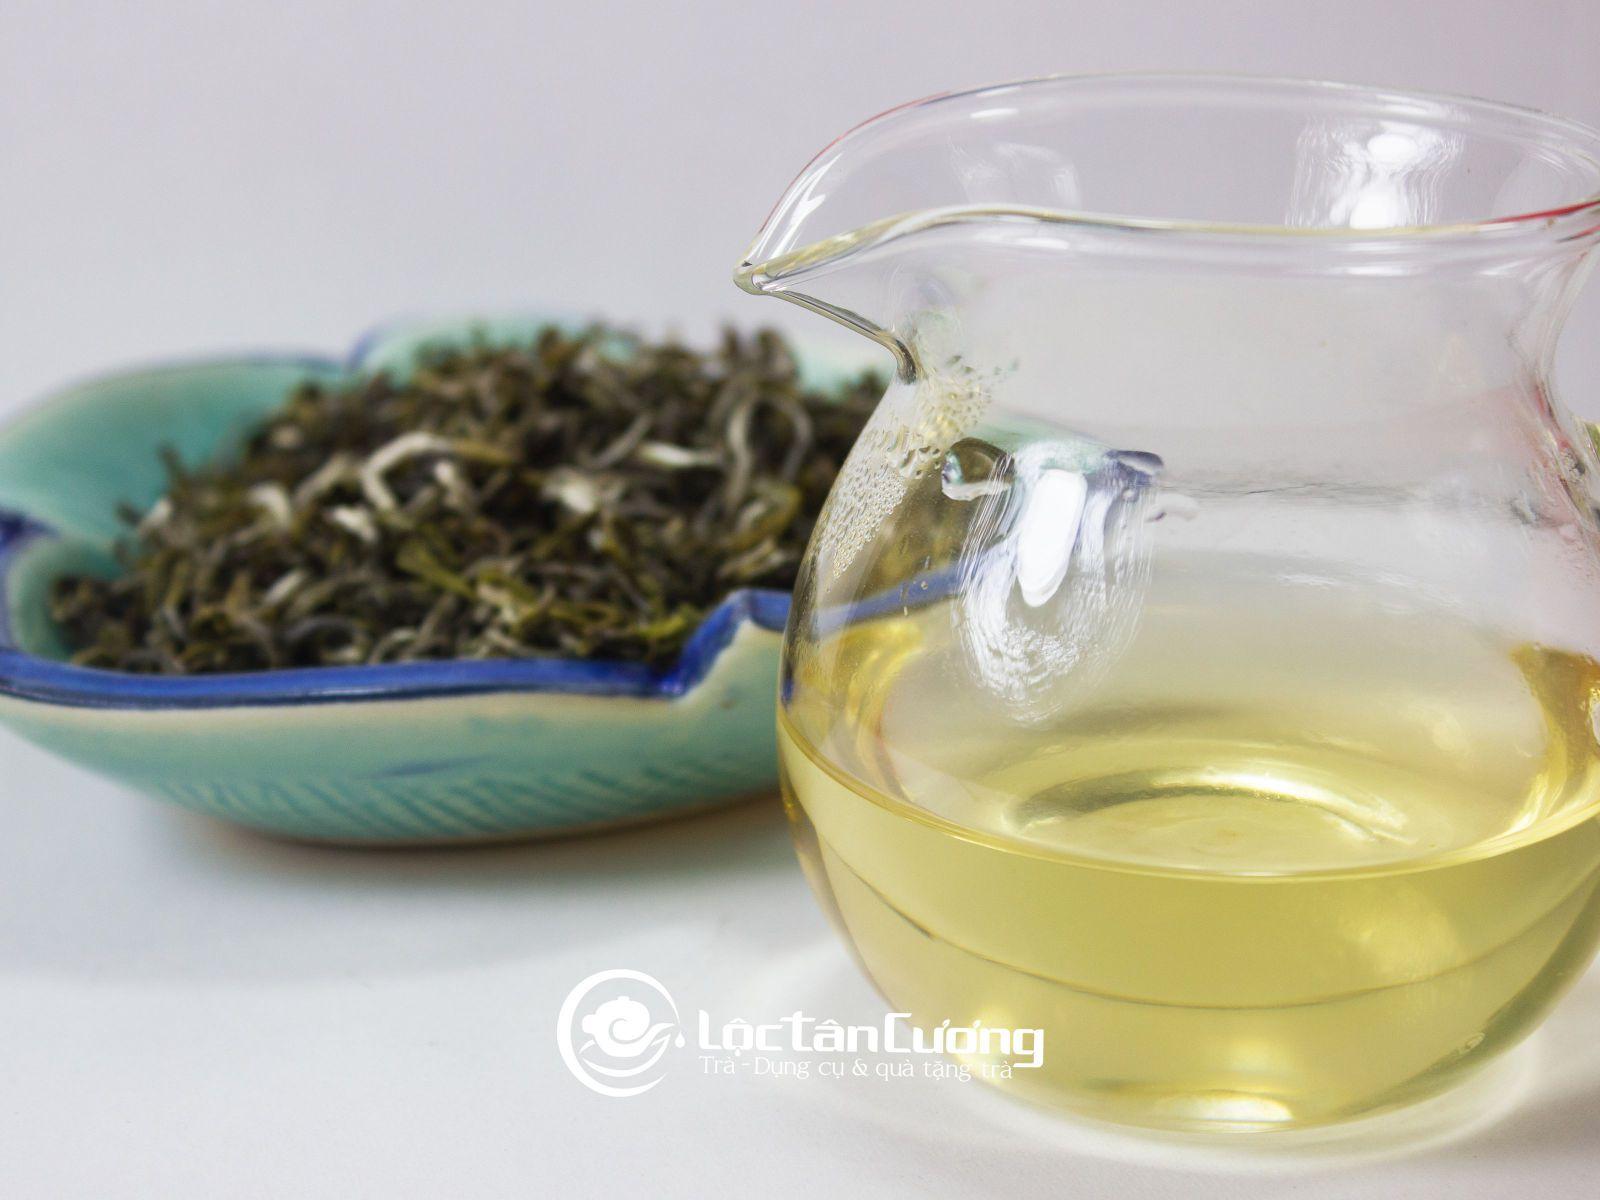 Bạn cần biết bảo quản trà Shan Tuyết Cổ Thụ Trà Xùa để trà luôn thơm ngon